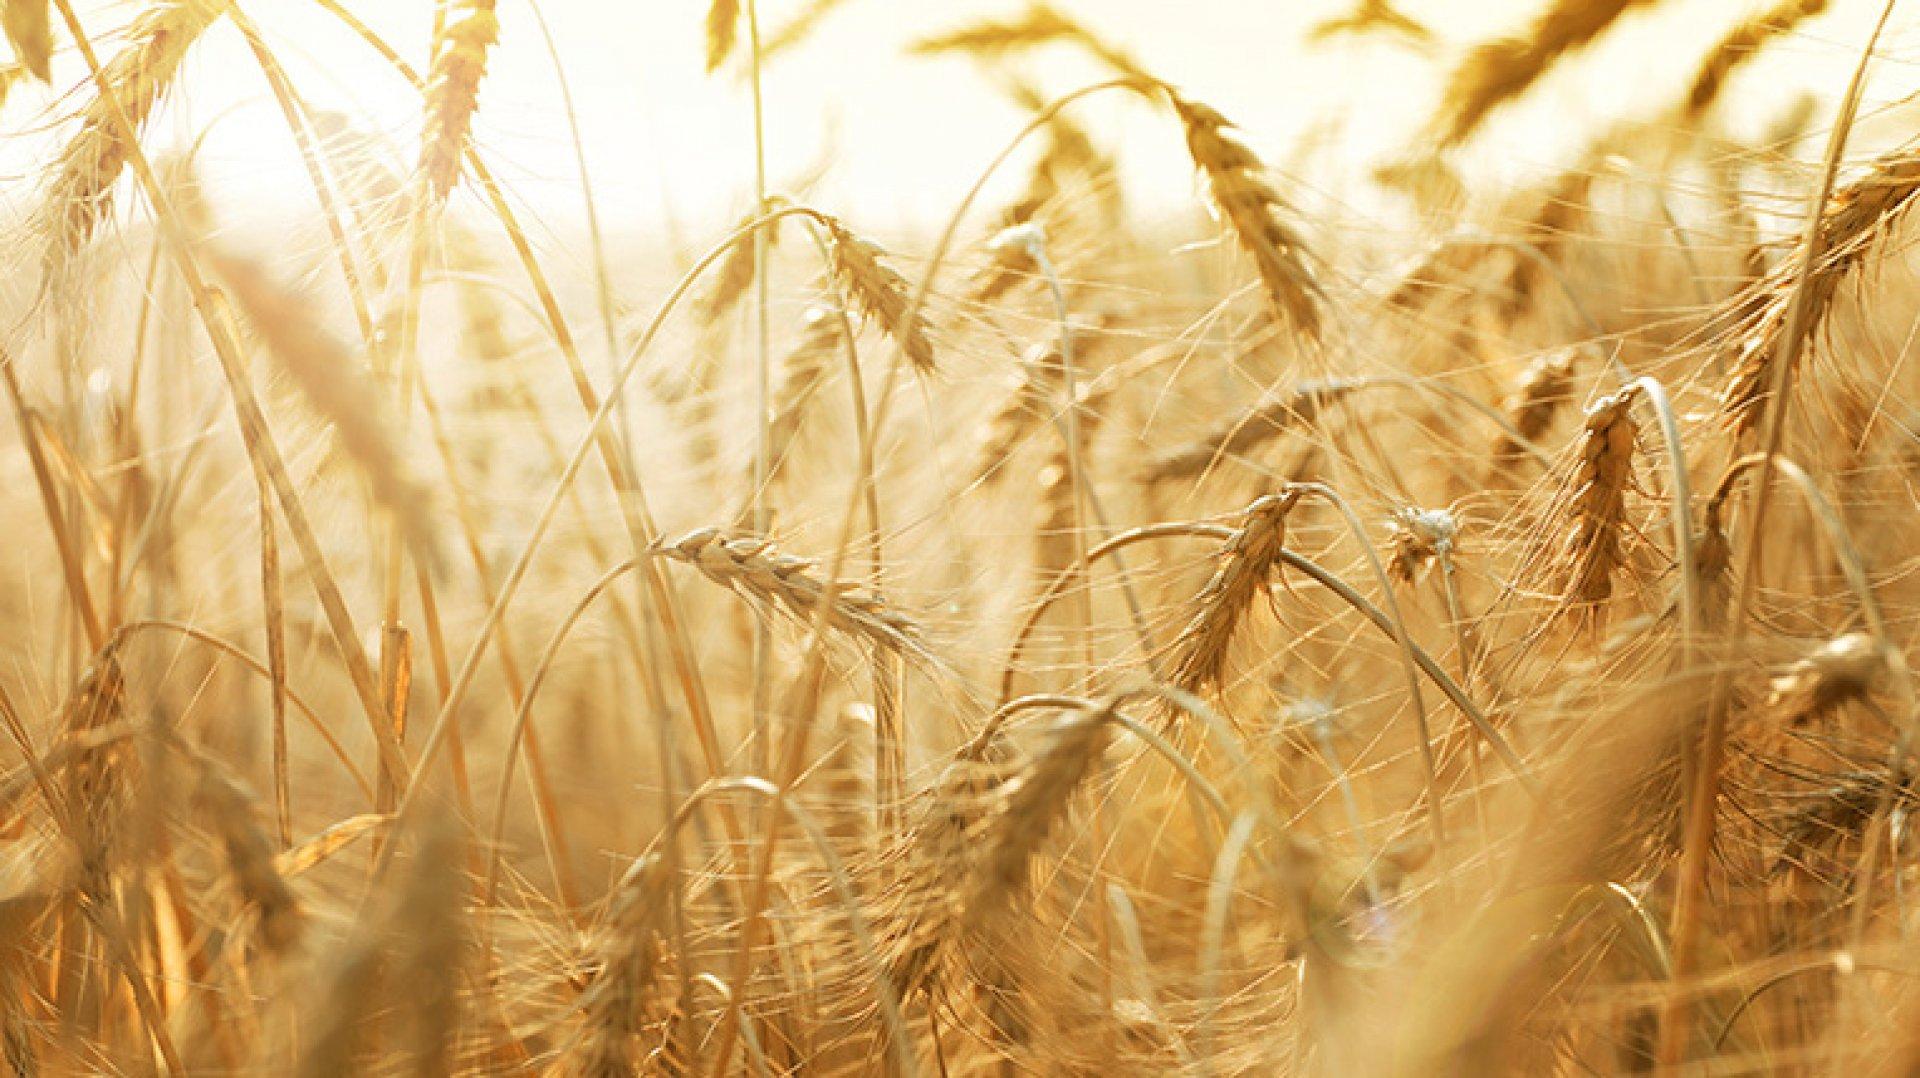 Из-за аномальной жары страдает урожай в Костанайской и Актюбинской областях